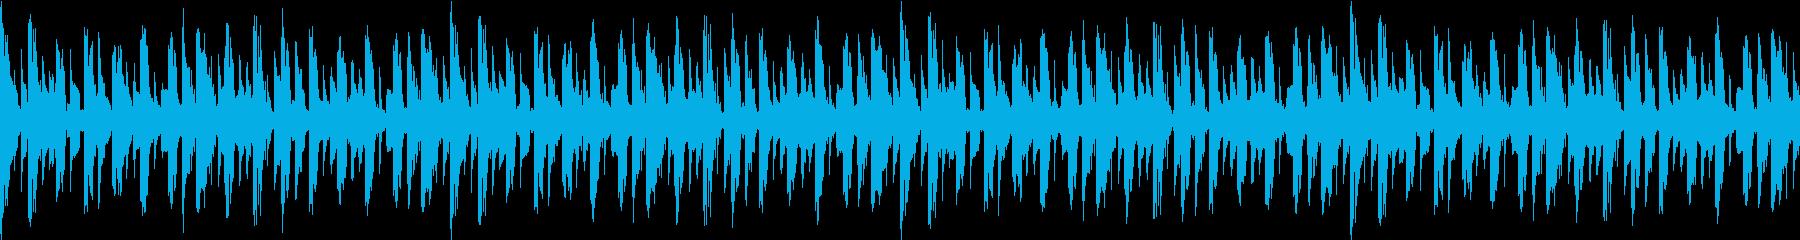 ミステリアスなサイバー感の再生済みの波形